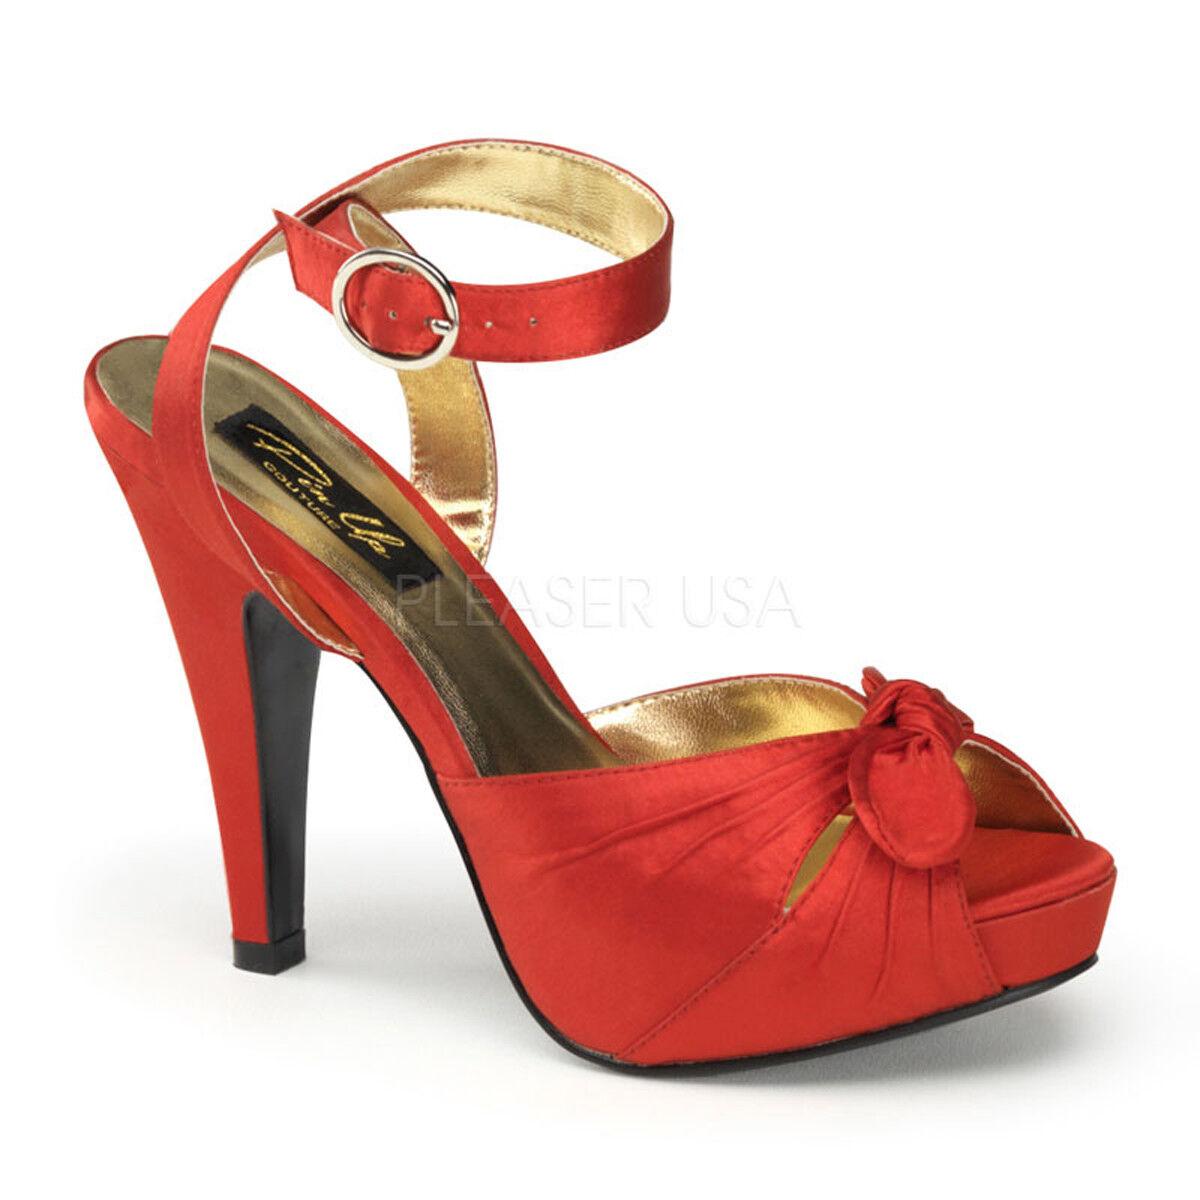 Pin Pin Pin Up Couture Bettie - 04 plataformas y Correa en el tobillo de Satén Rojo Cinta Zapatos De Tacón Puntera Abierta  ordenar ahora